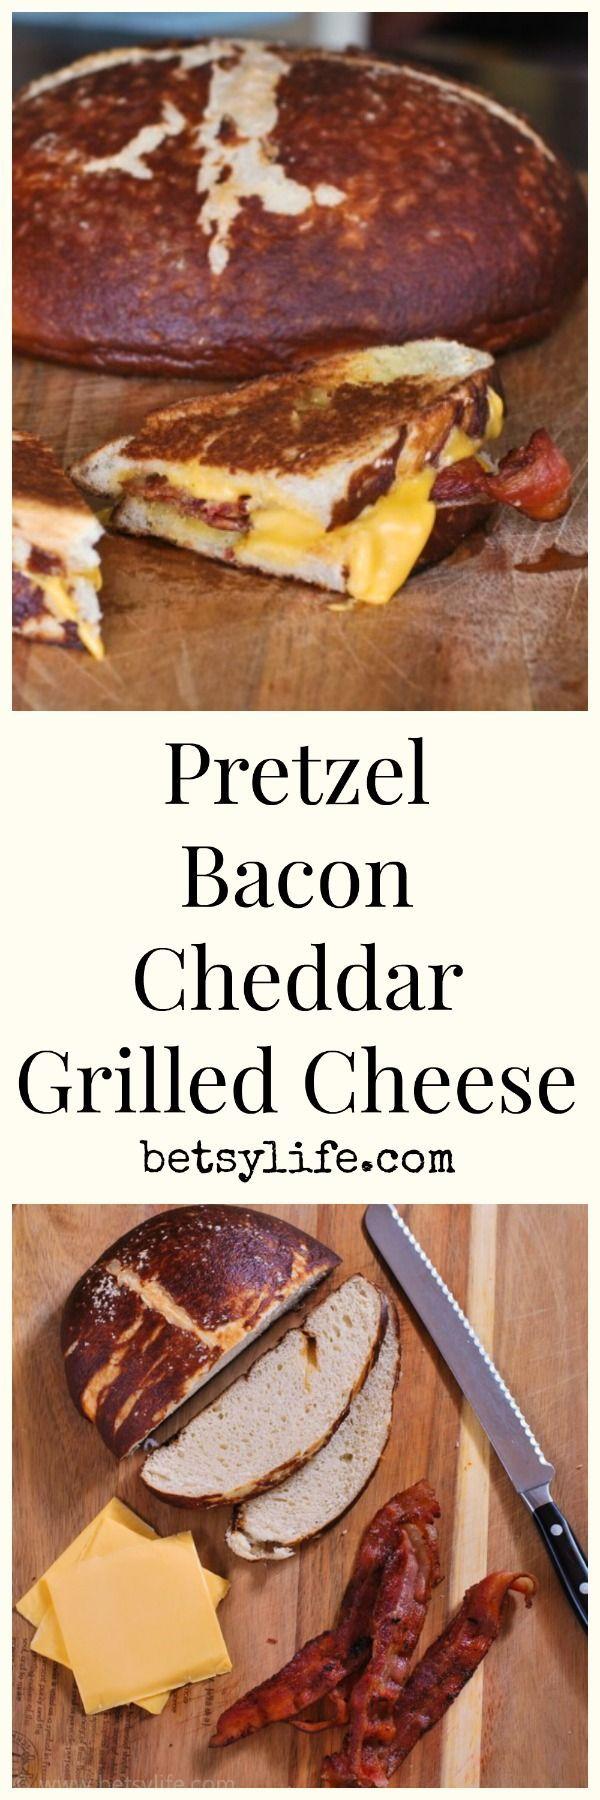 Pretzel Bacon Cheddar Grilled Cheese